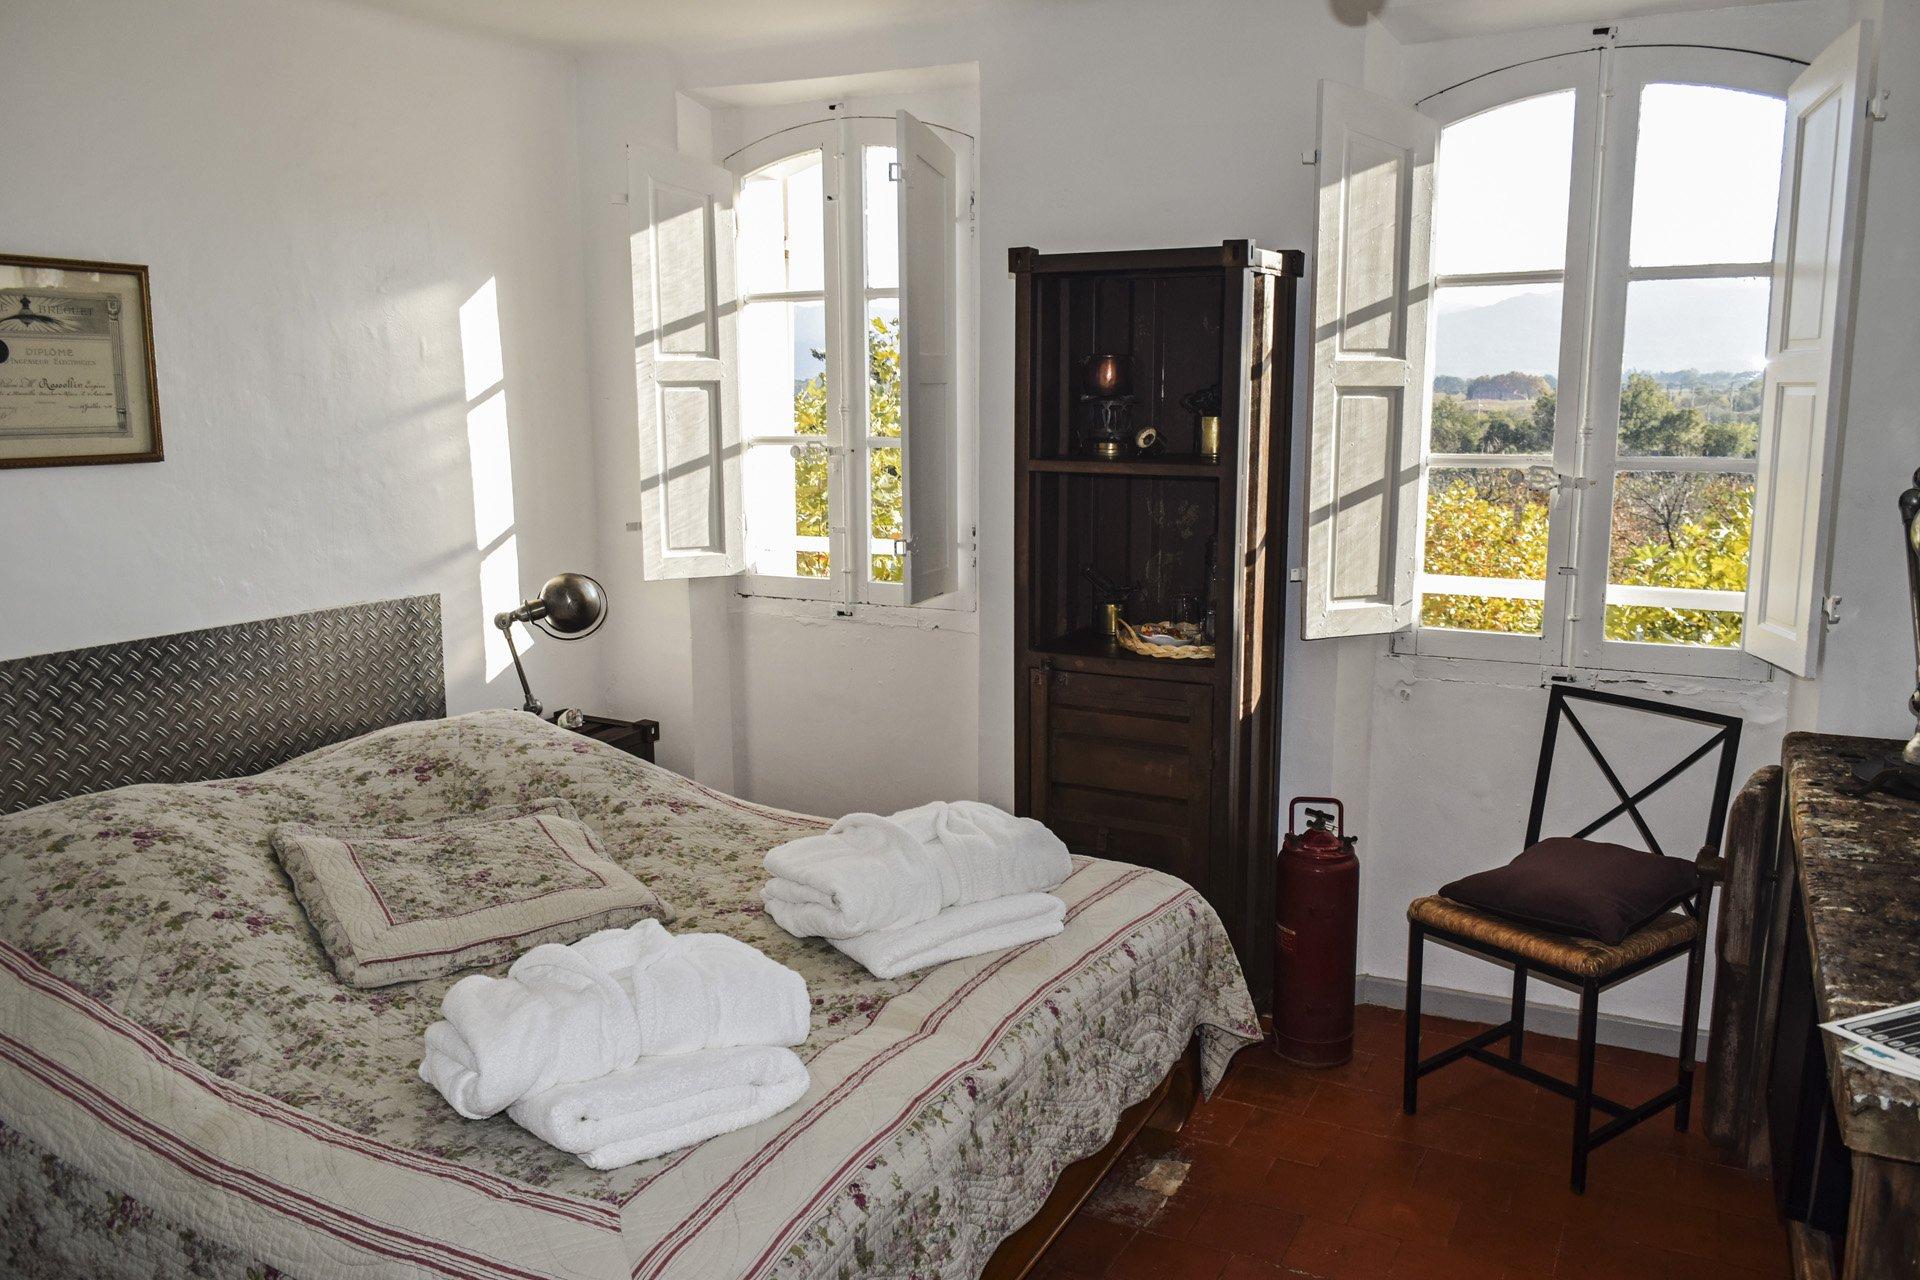 chambre 1 Bastide 18 ième siècle 750 m², sur 2 ha chambres d'hôtes, le luc, var, provence